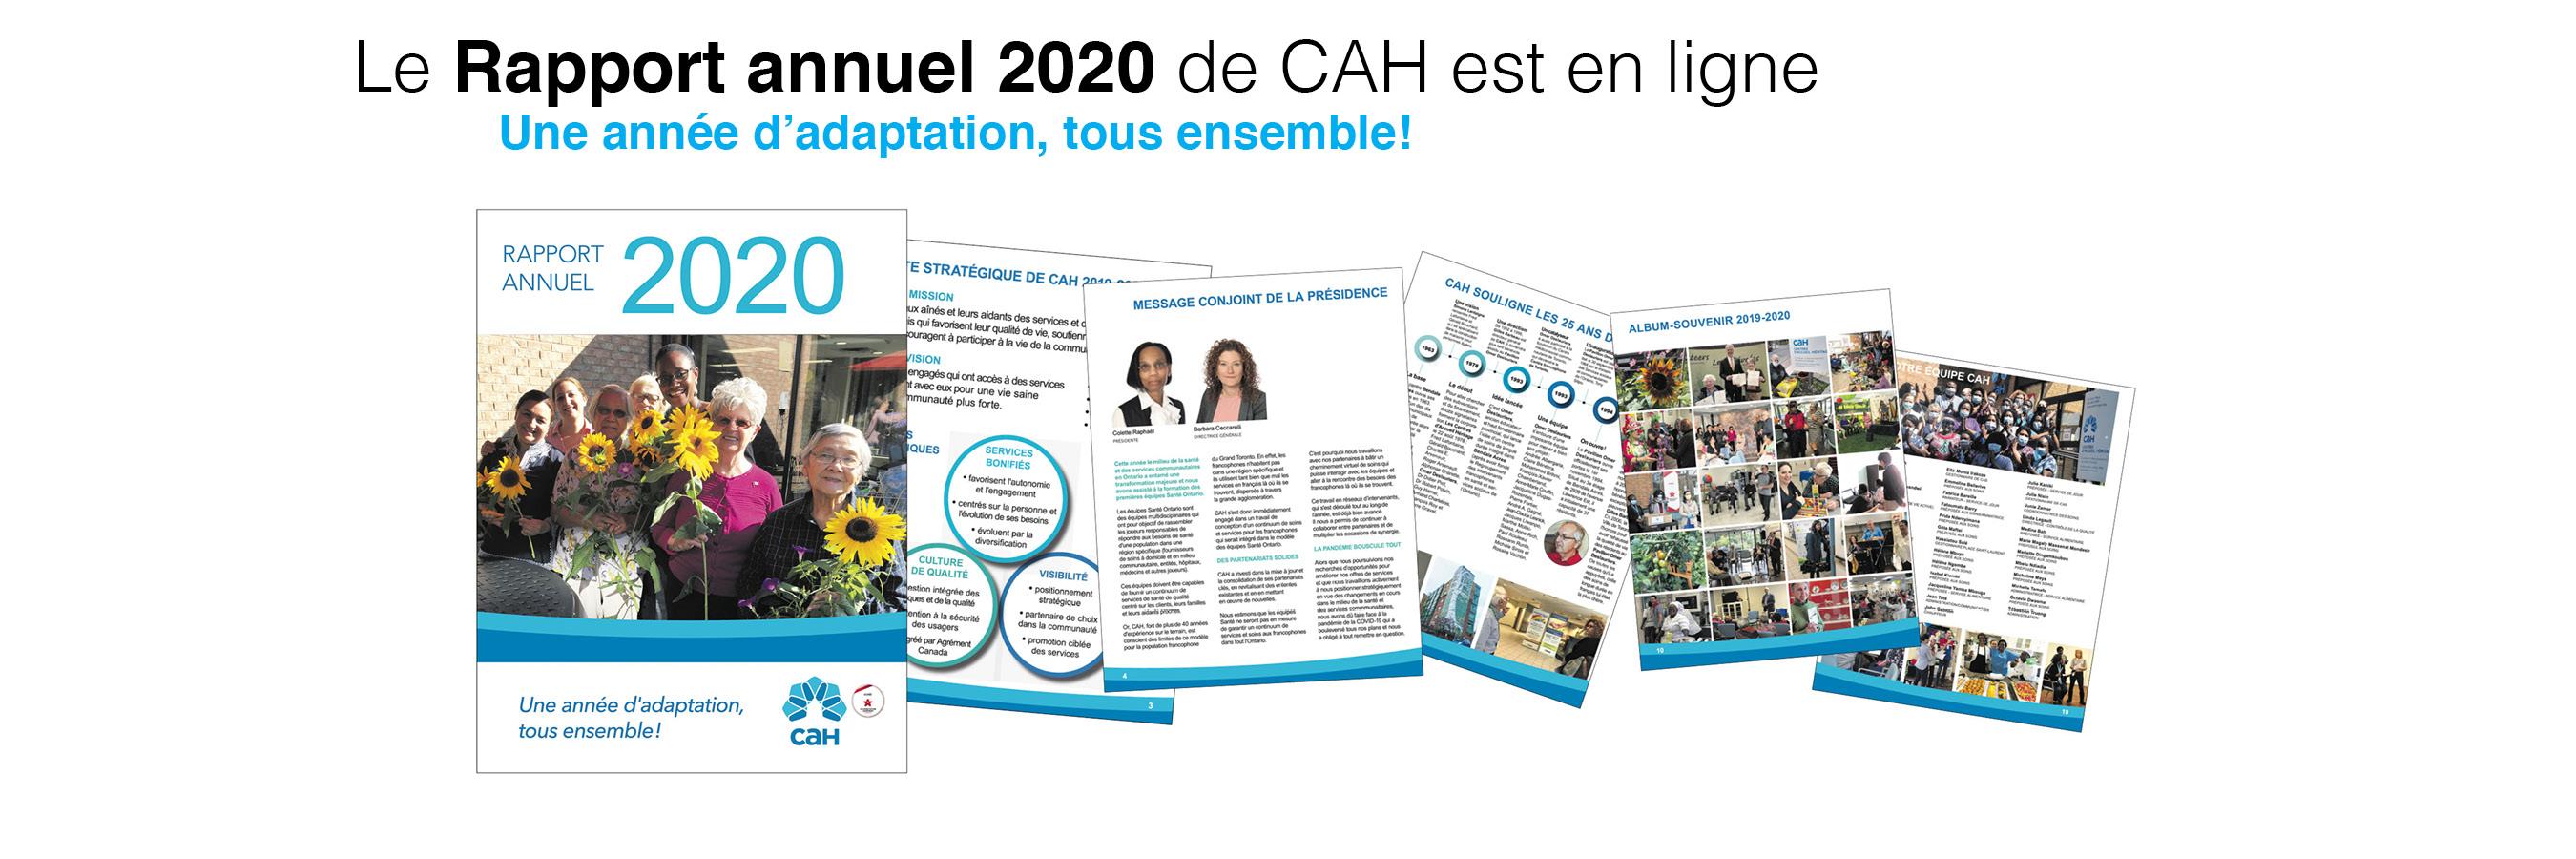 Rapport annuel 2020 de CAH